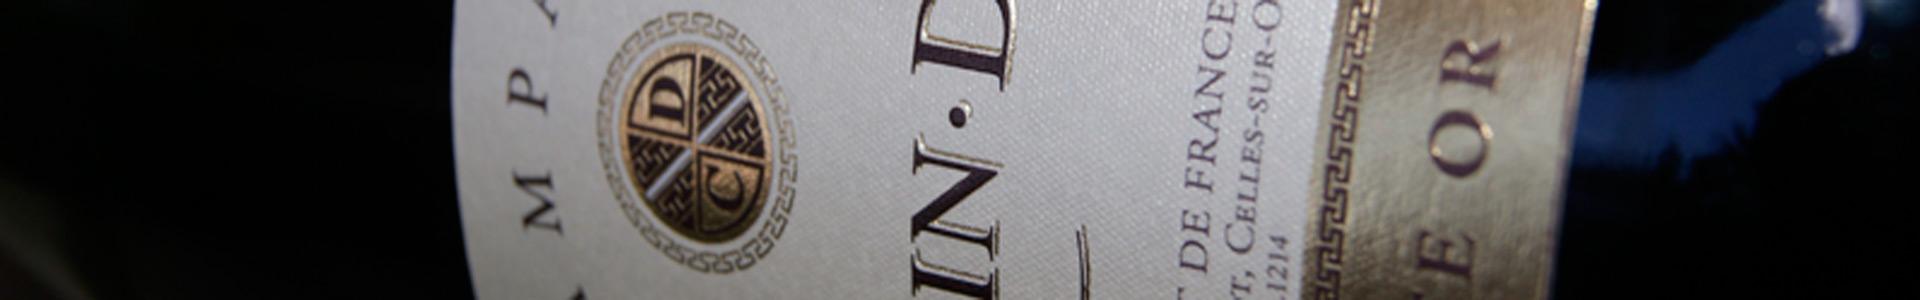 bannière bouteille champagne carte or cheurlin dangin